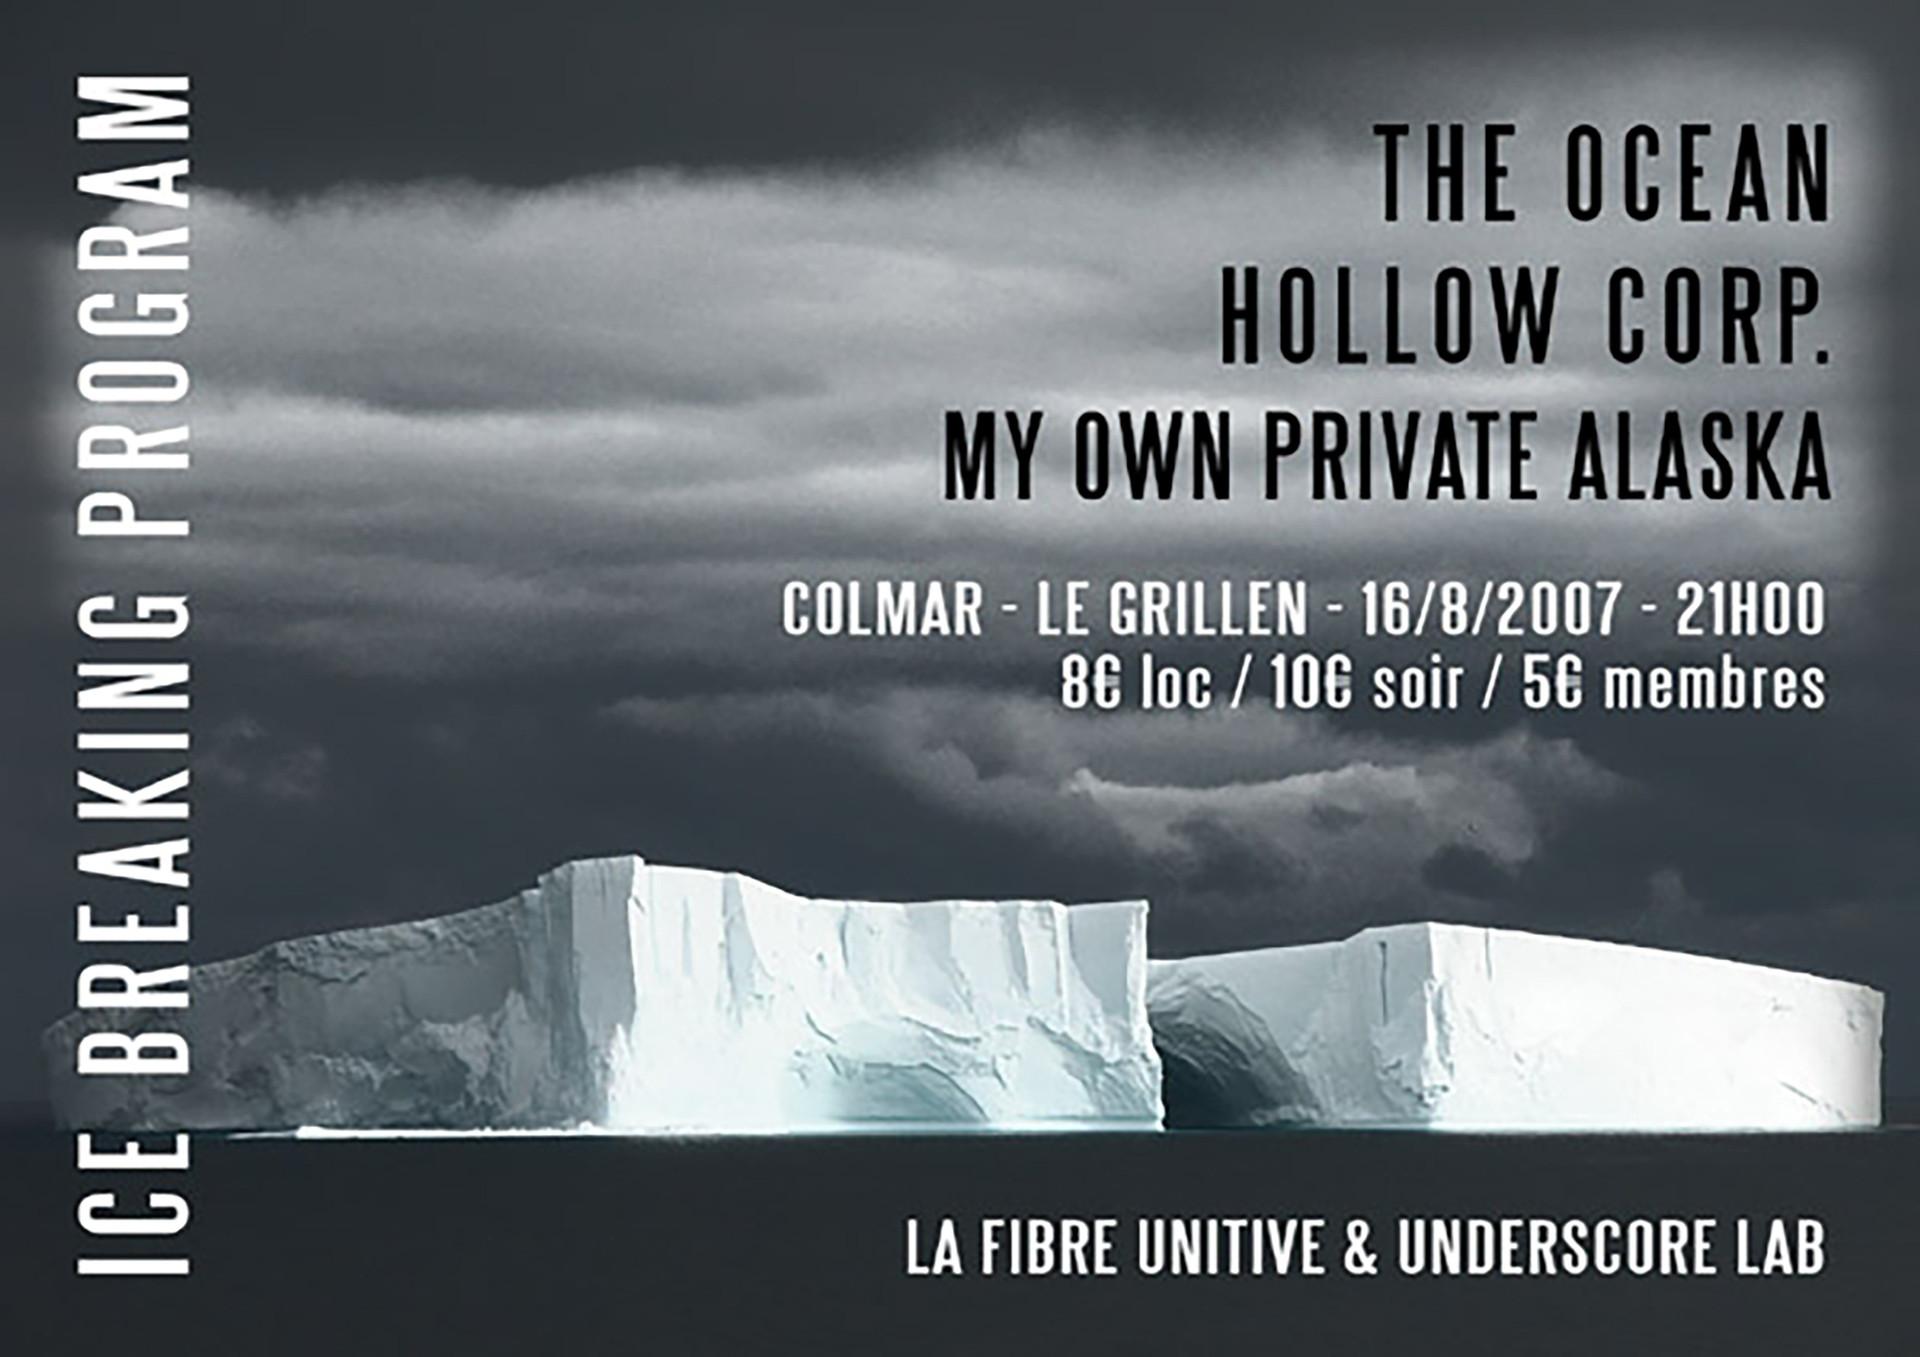 Kertone Production - Jerkov Musiques - My Own Private Alaska (MOPA) - Matthieu Miegeville (Milka), Tristan Mocquet, Yohan Hennequin - Affiche Concert